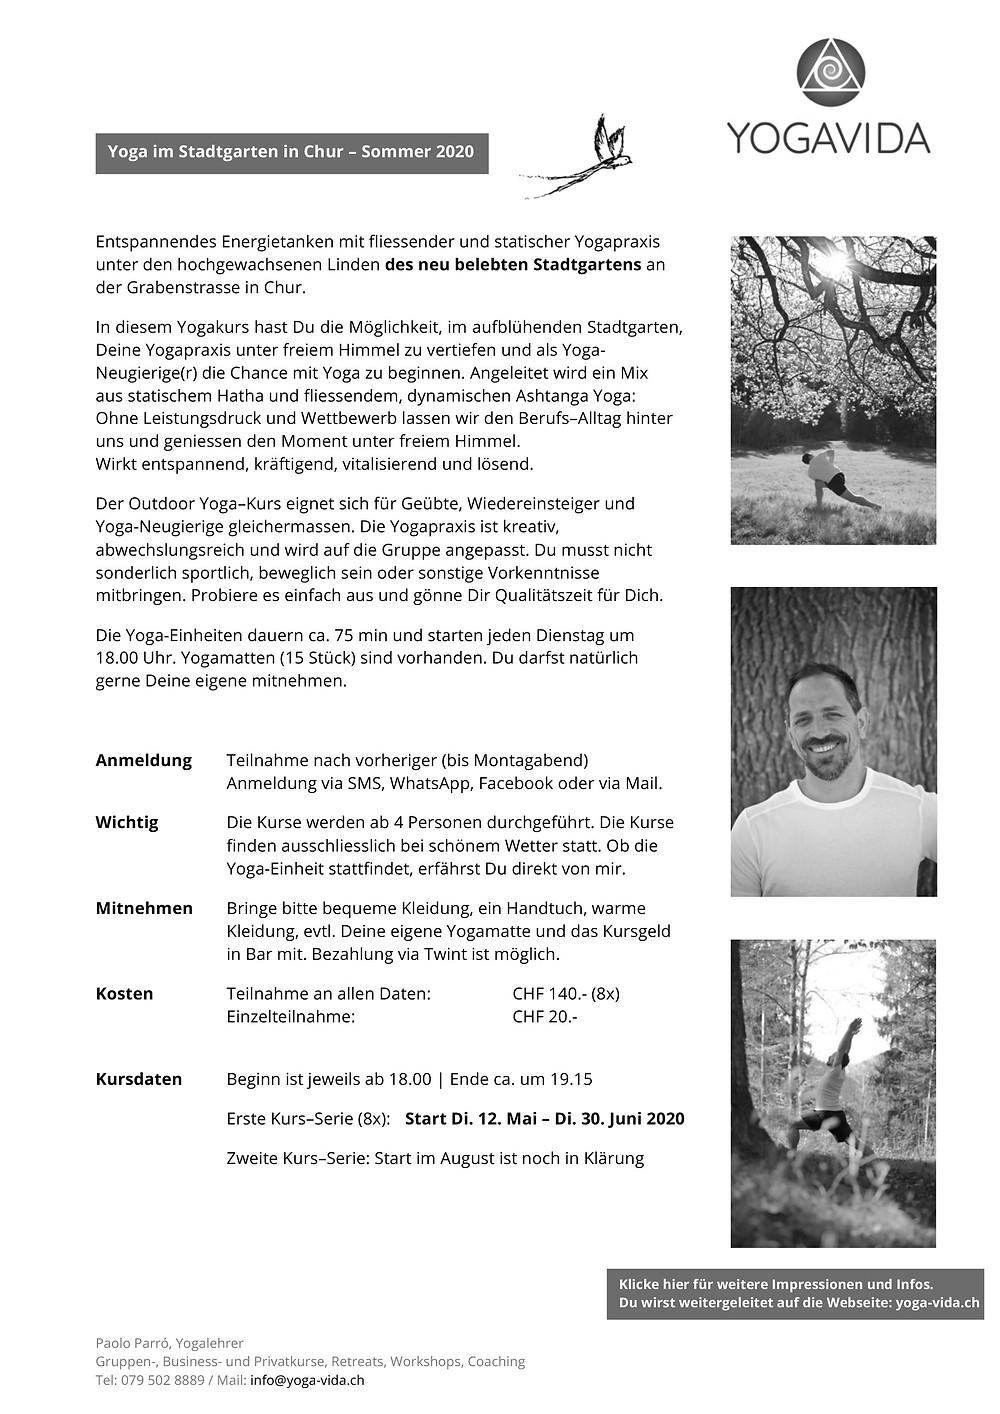 Yoga im Stadtgarten in Chur - ab 12.5. - geht in die nächste Runde. Dein Yogakurs in Chur - in der Natur von Yogavida